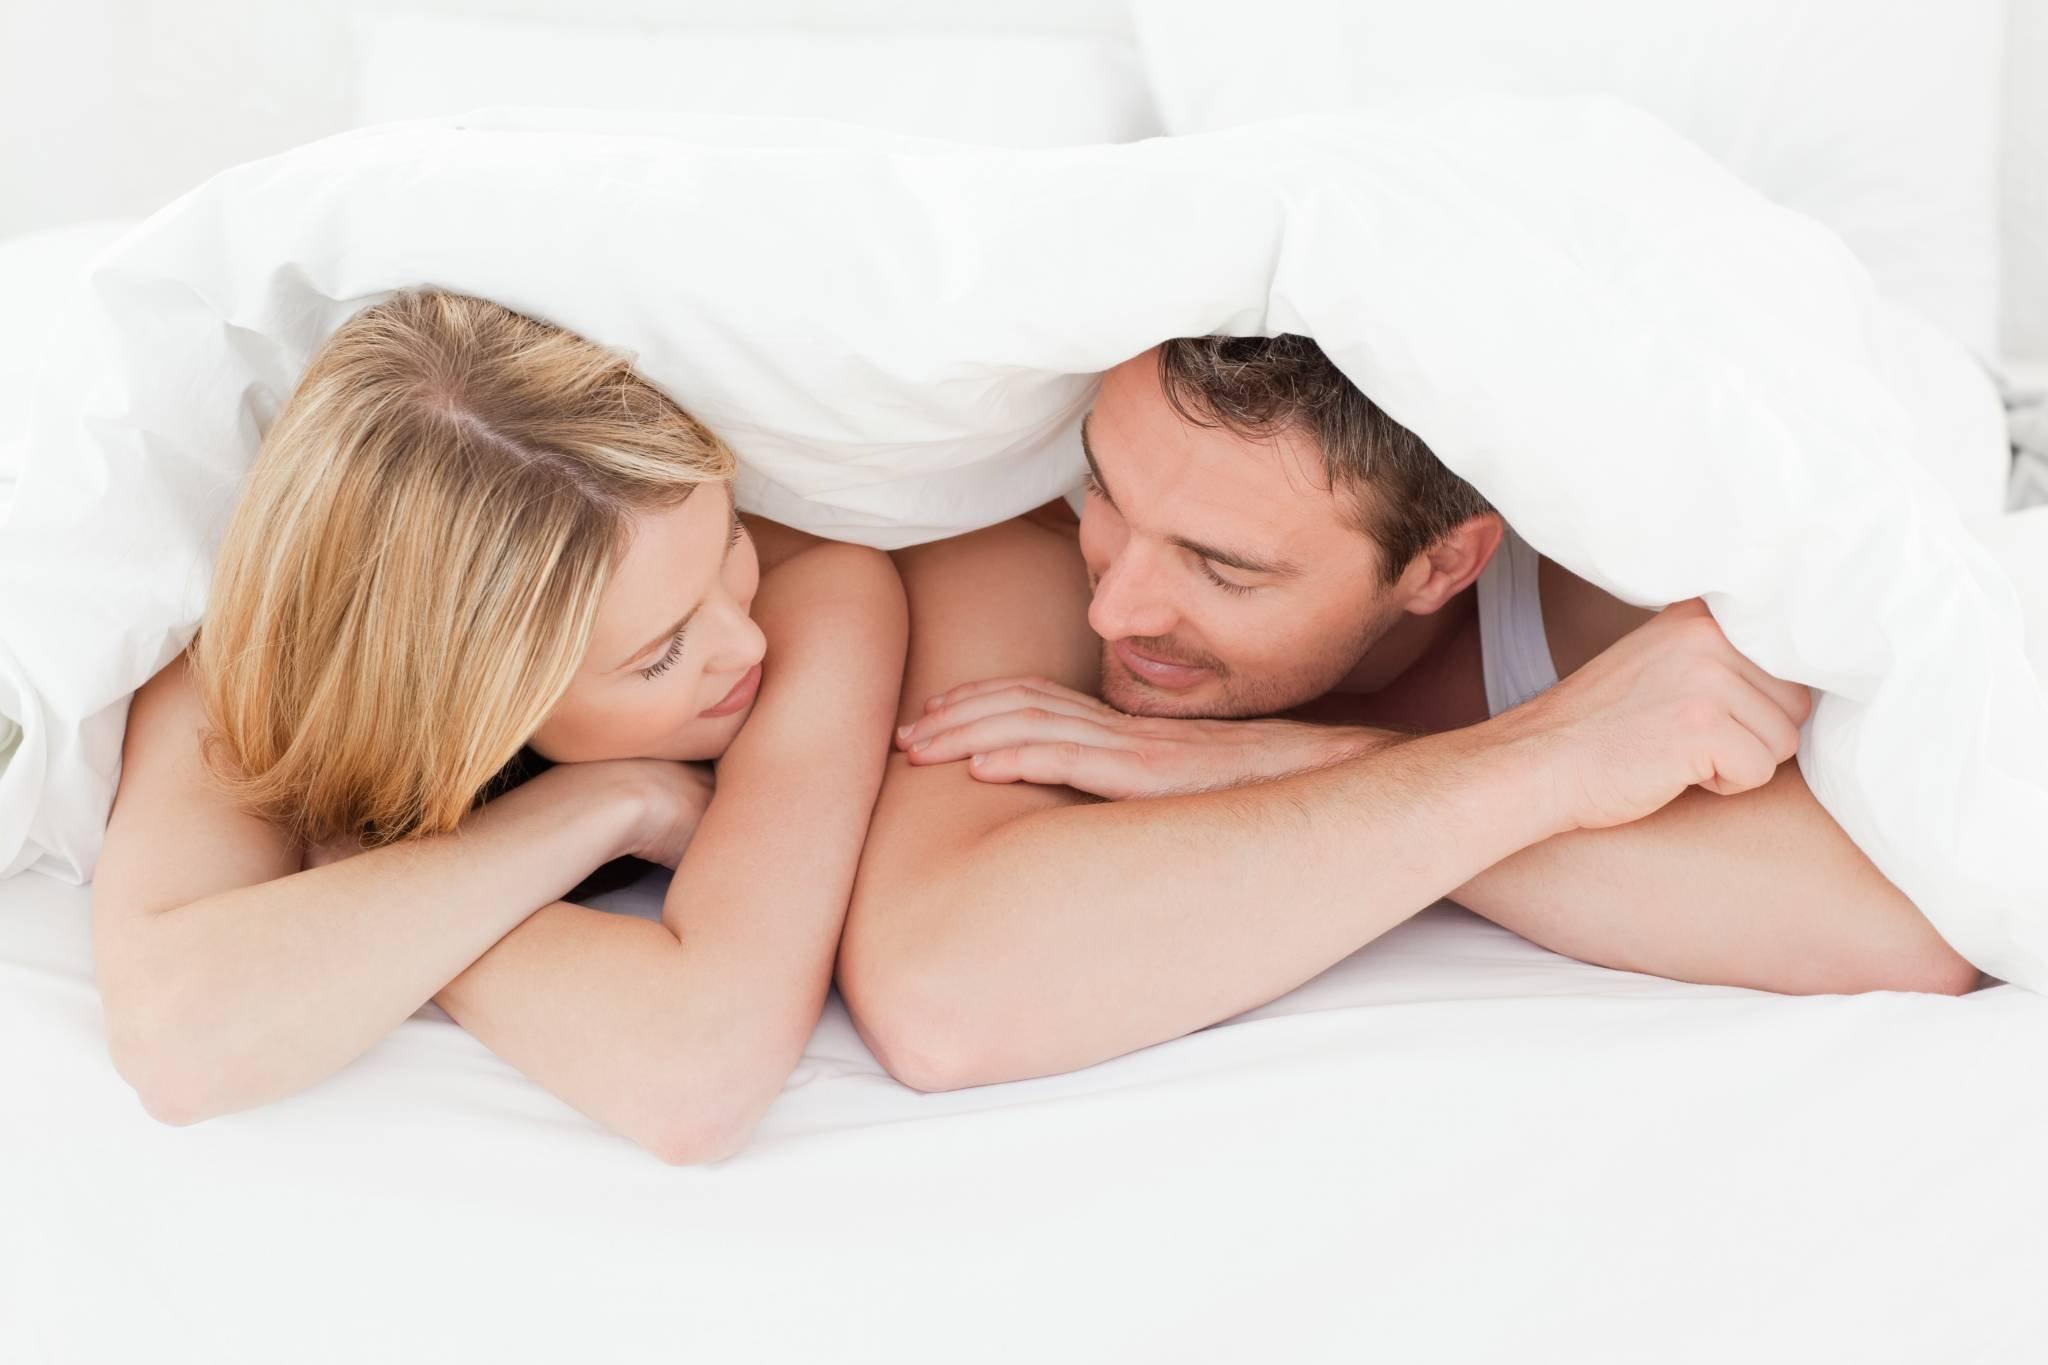 Секс позы для беременеть фото 6 фотография